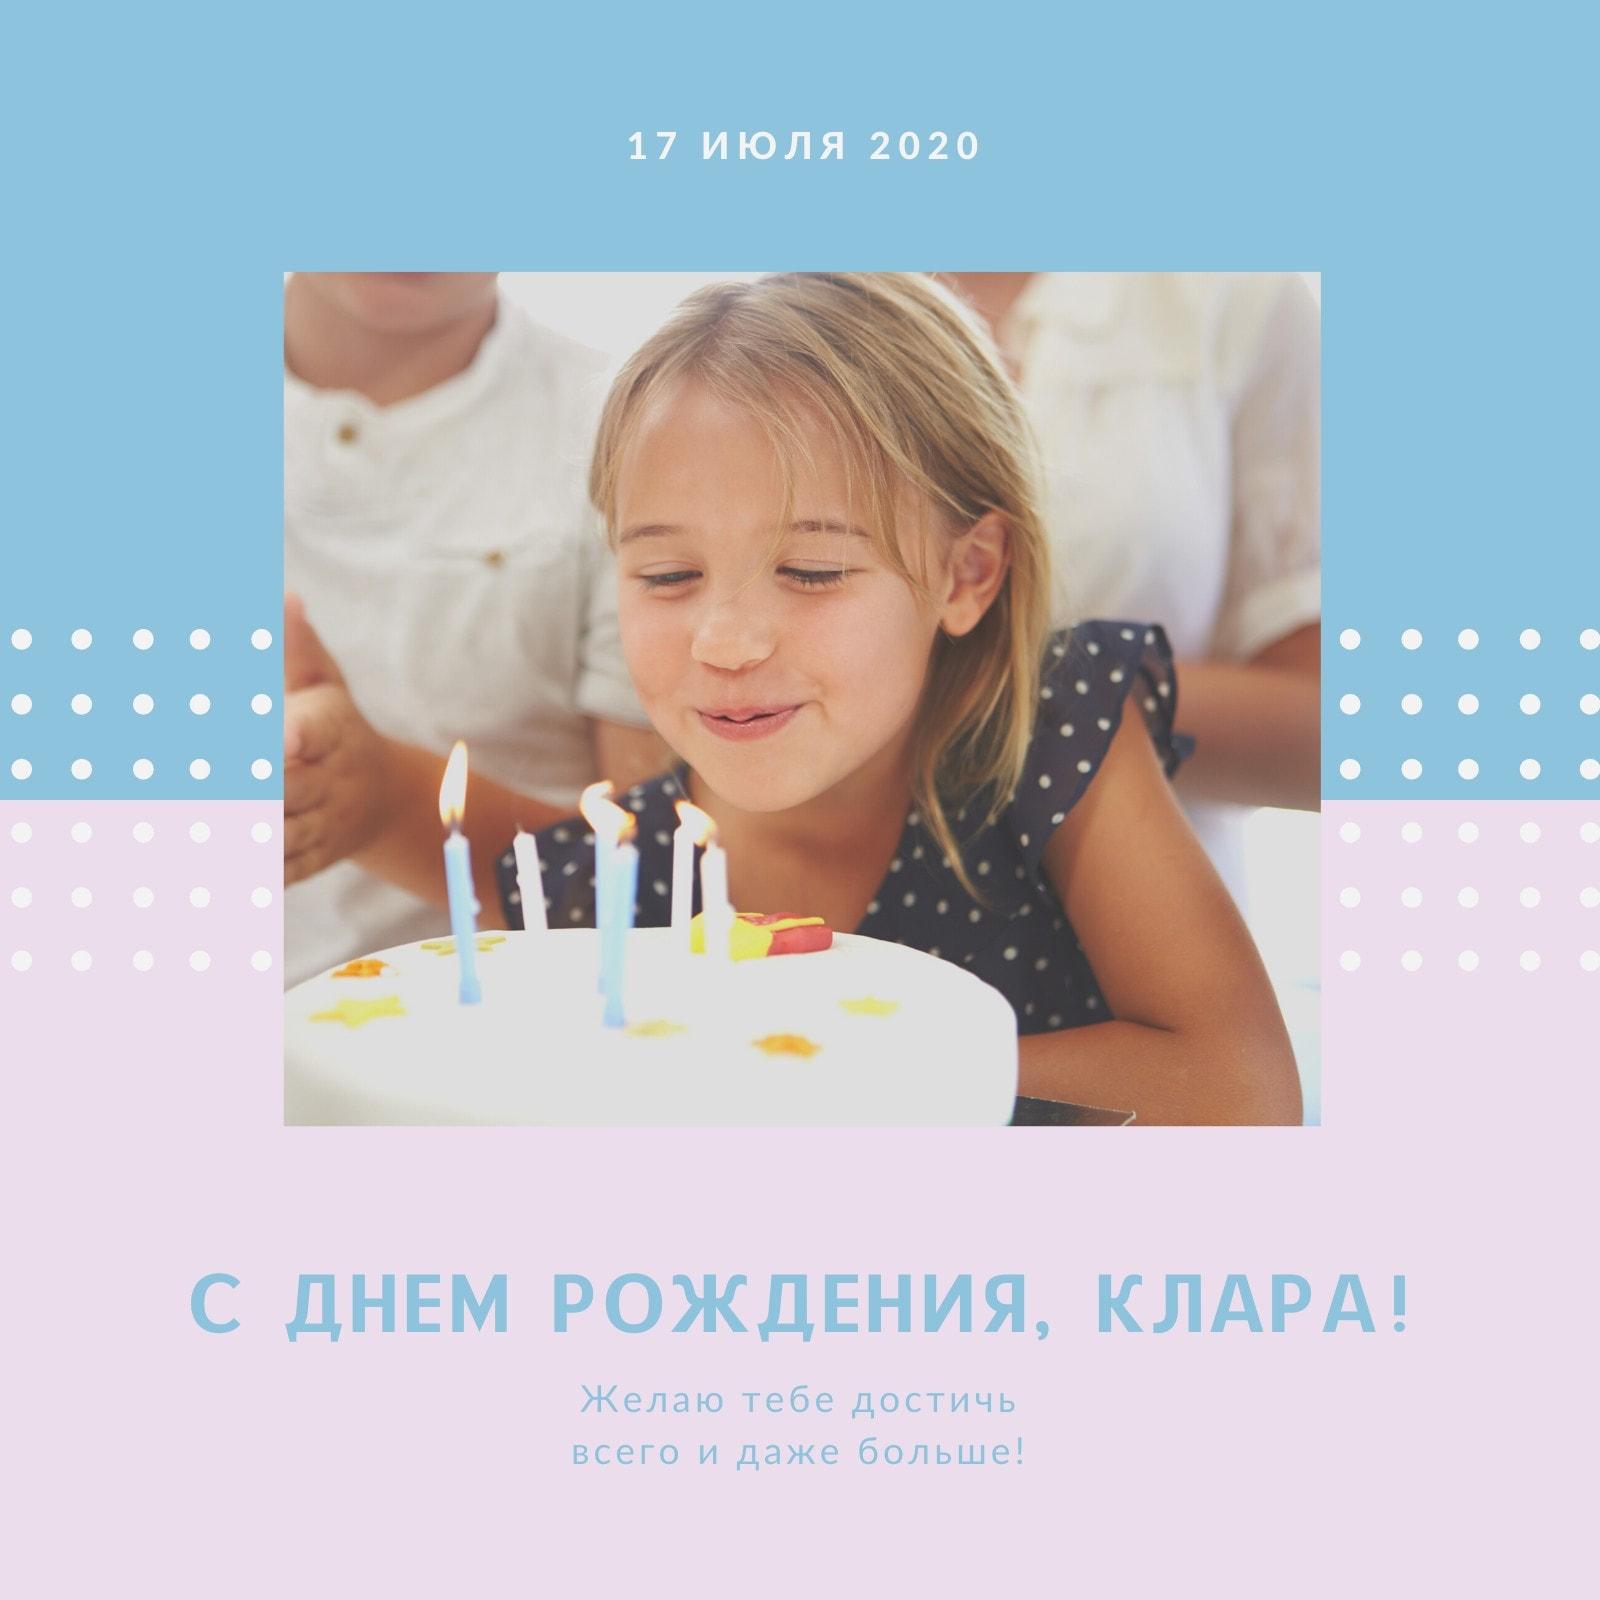 Пастельная Синяя Розовая В горошек День рождения Instagram Публикация